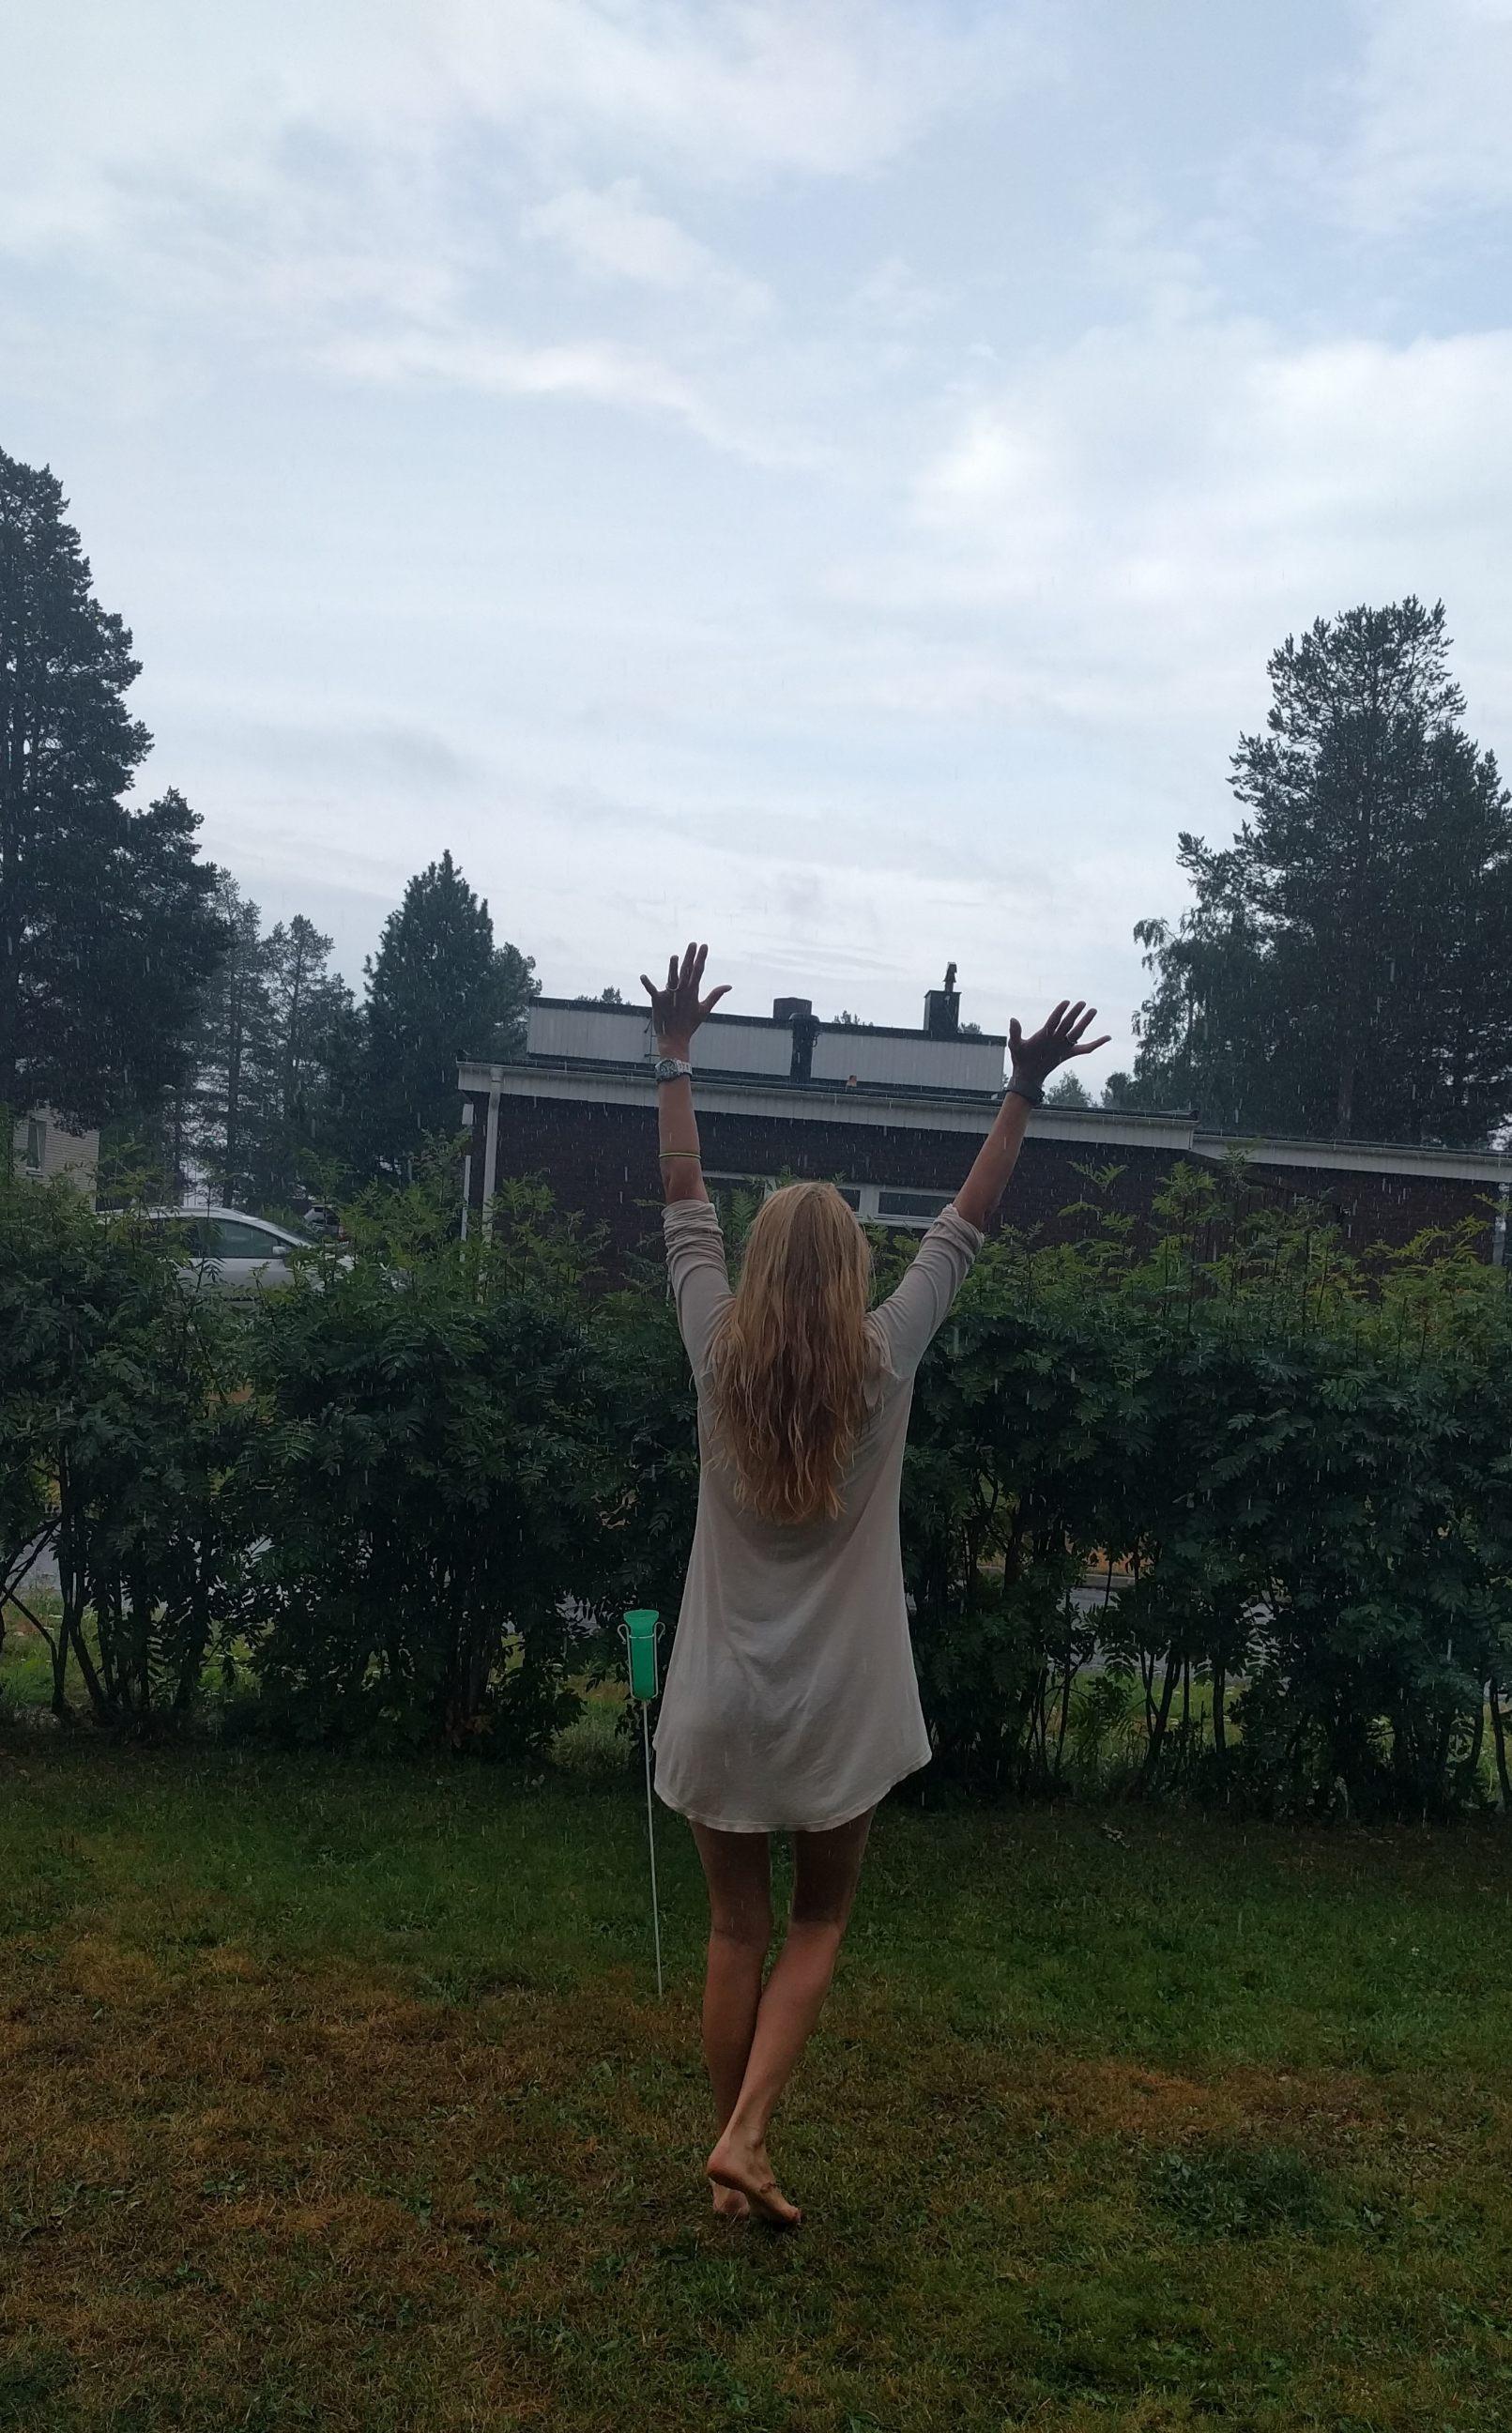 När jag vaknade till ljudet av regn så kunde...